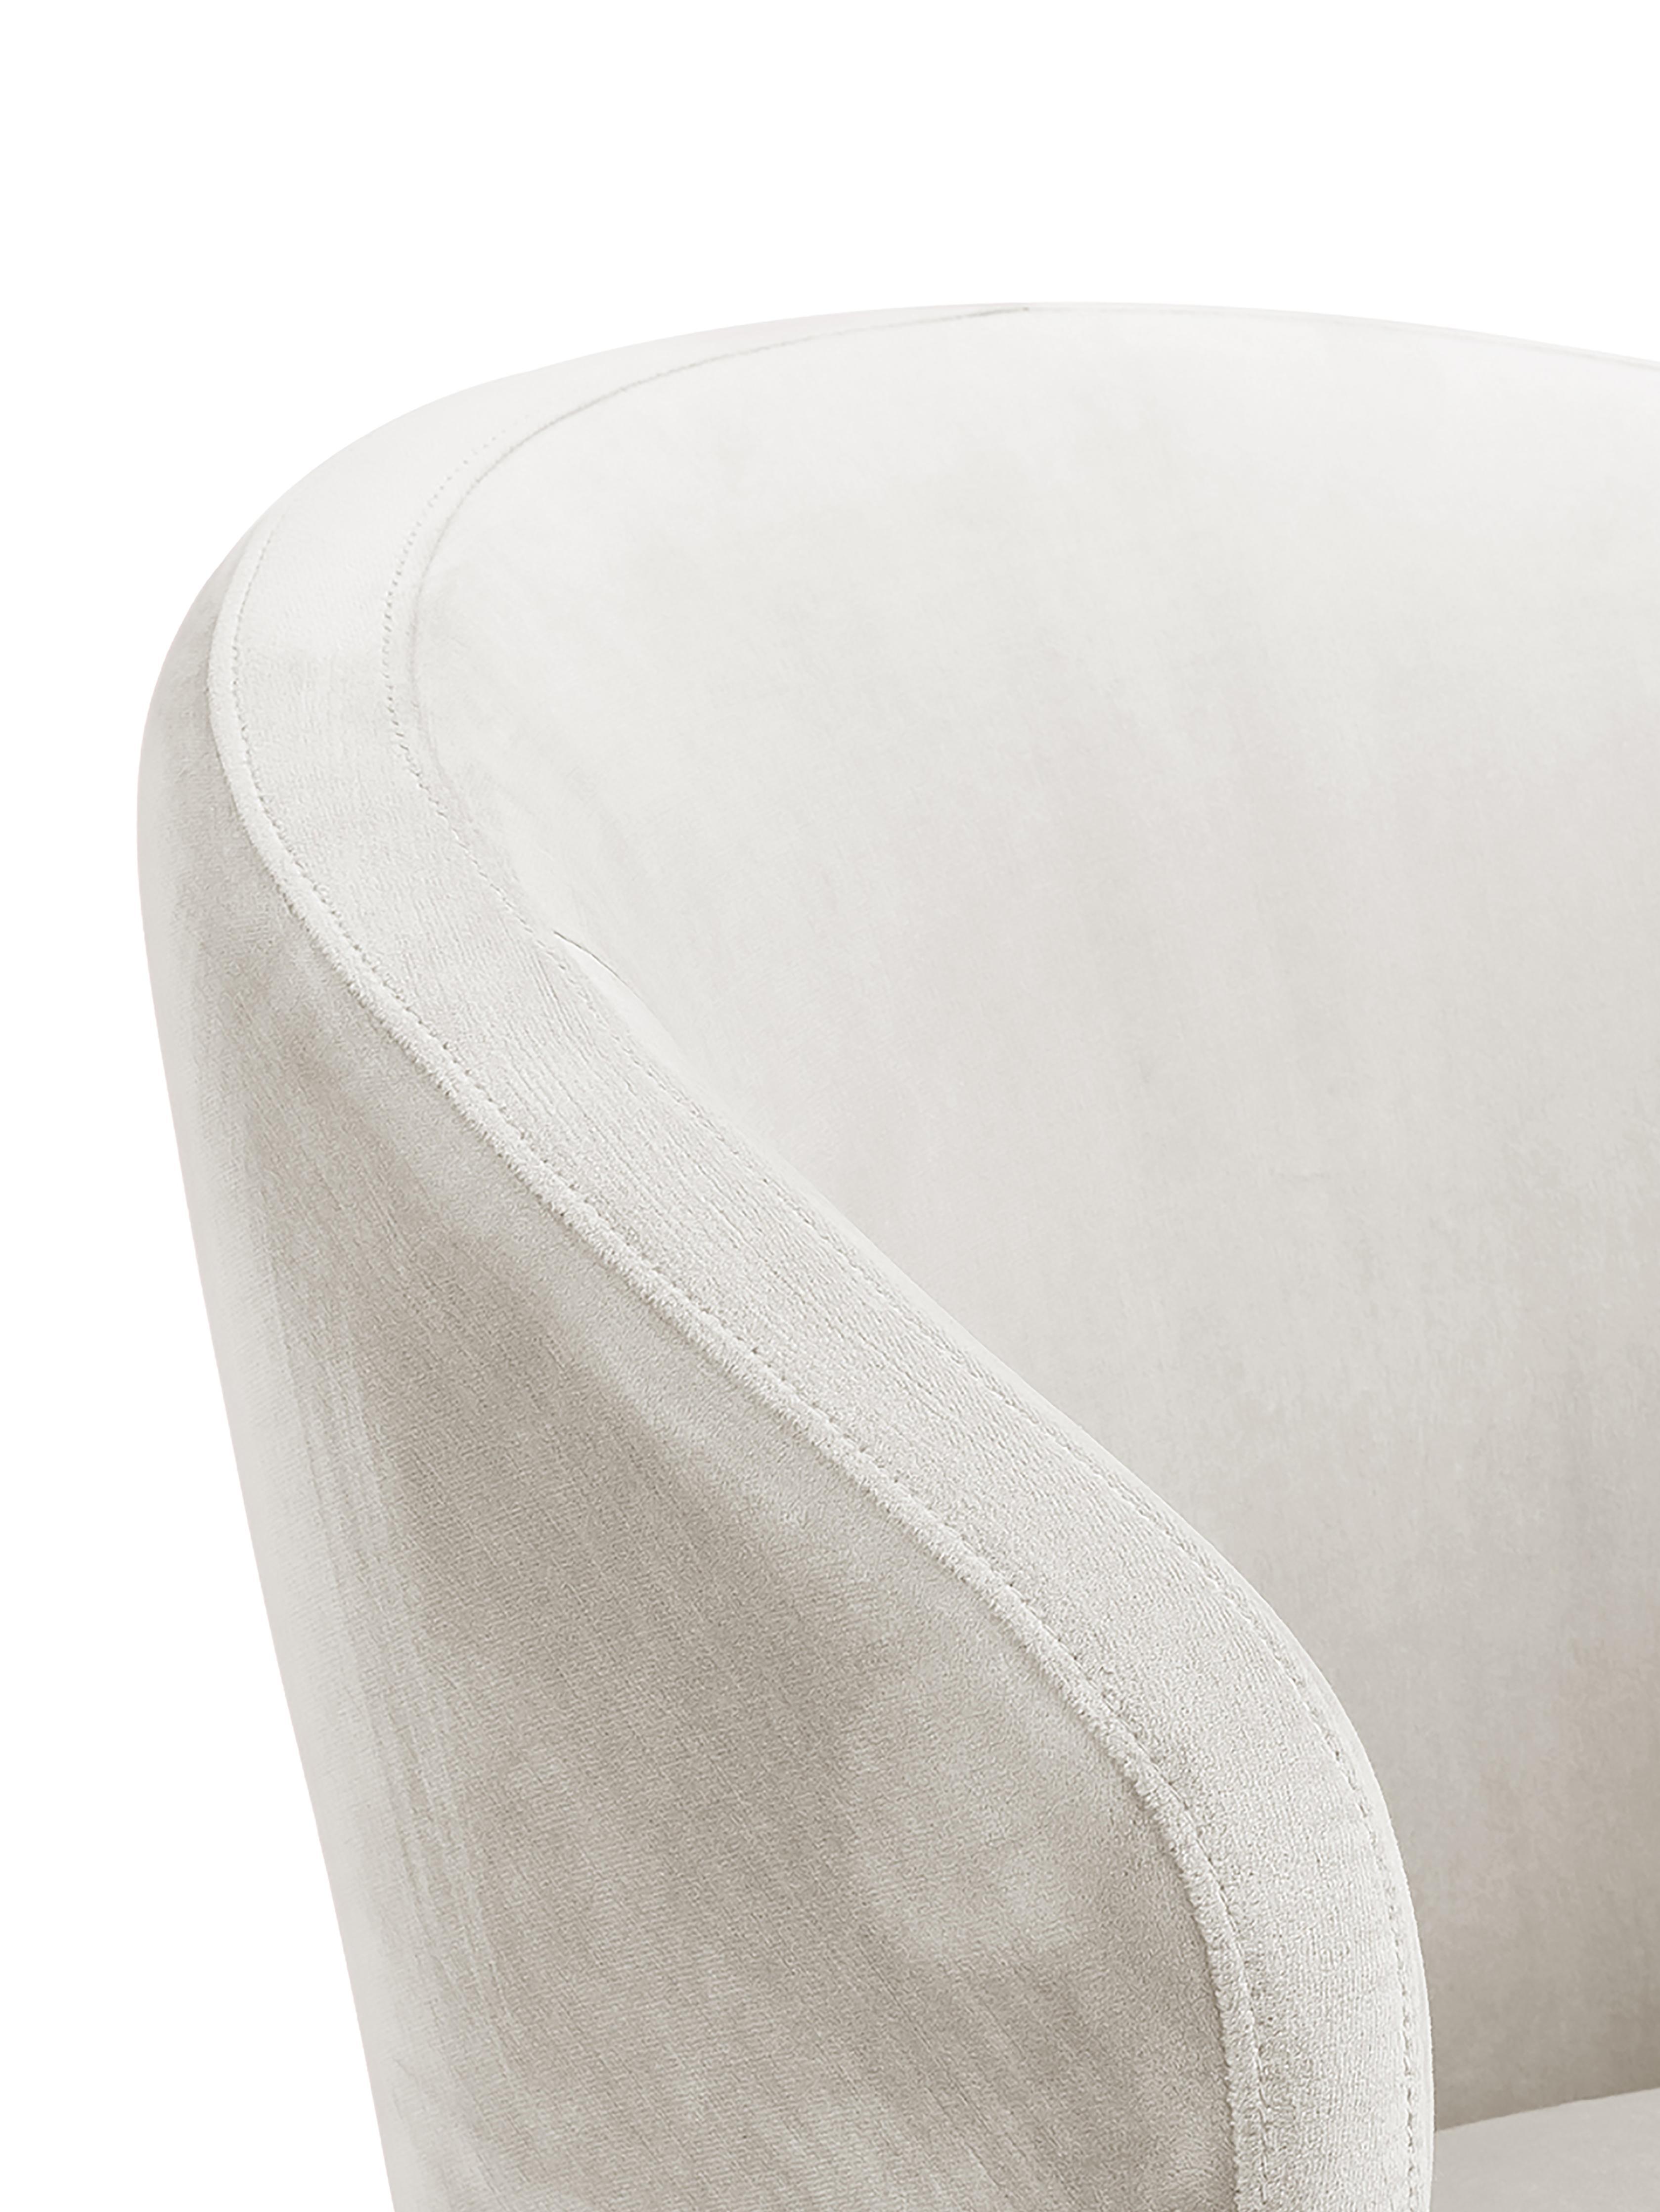 Samt-Armlehnstuhl Celia in modernem Design, Bezug: Samt (Polyester) 30.000 S, Beine: Metall, pulverbeschichtet, Samt Beige, B 57 x T 62 cm